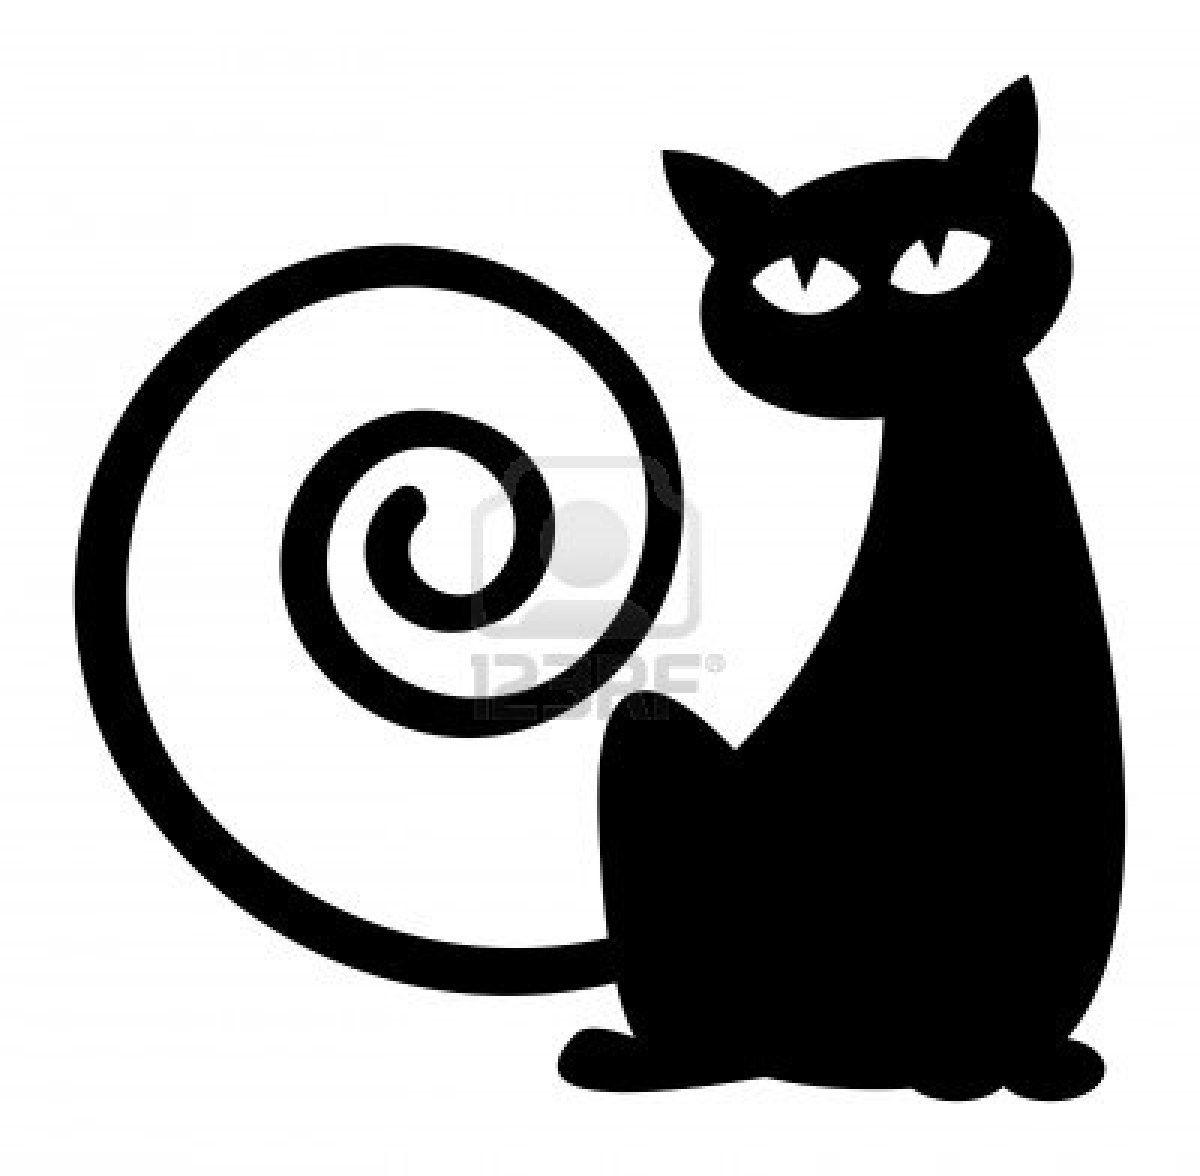 Cat silhouette zeichnen - Silhouette cameo vorlagen ...